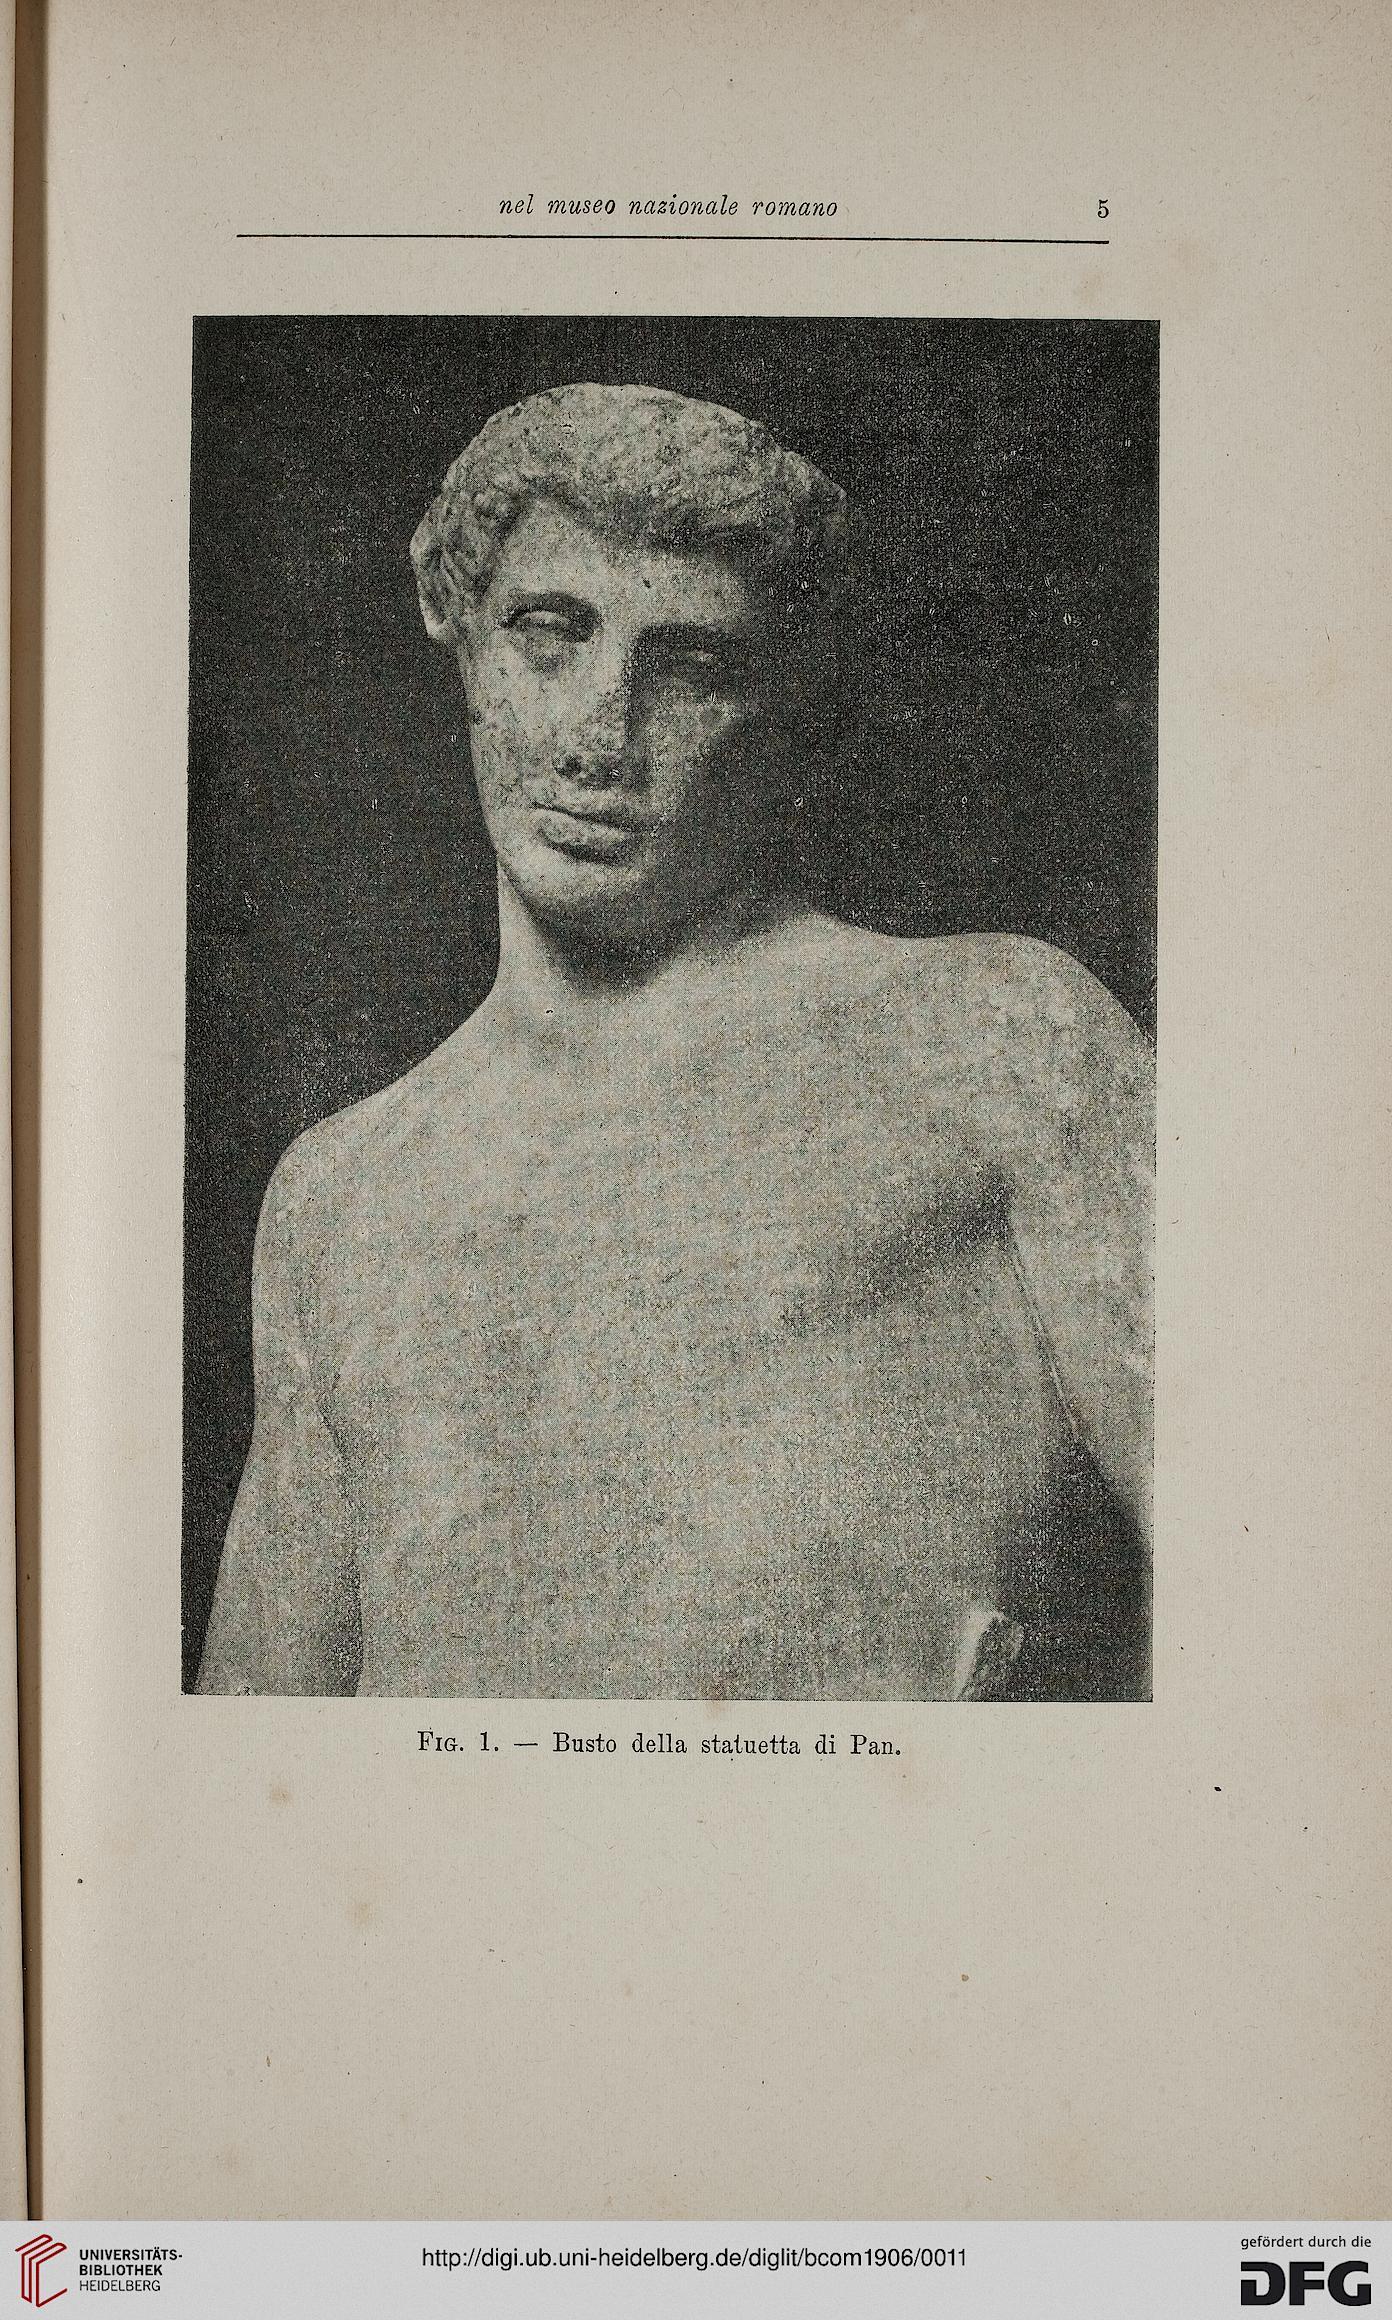 Schemi Elettrici Industriali Pdf : Bullettino della commissione archeologica comunale di roma 34.1906